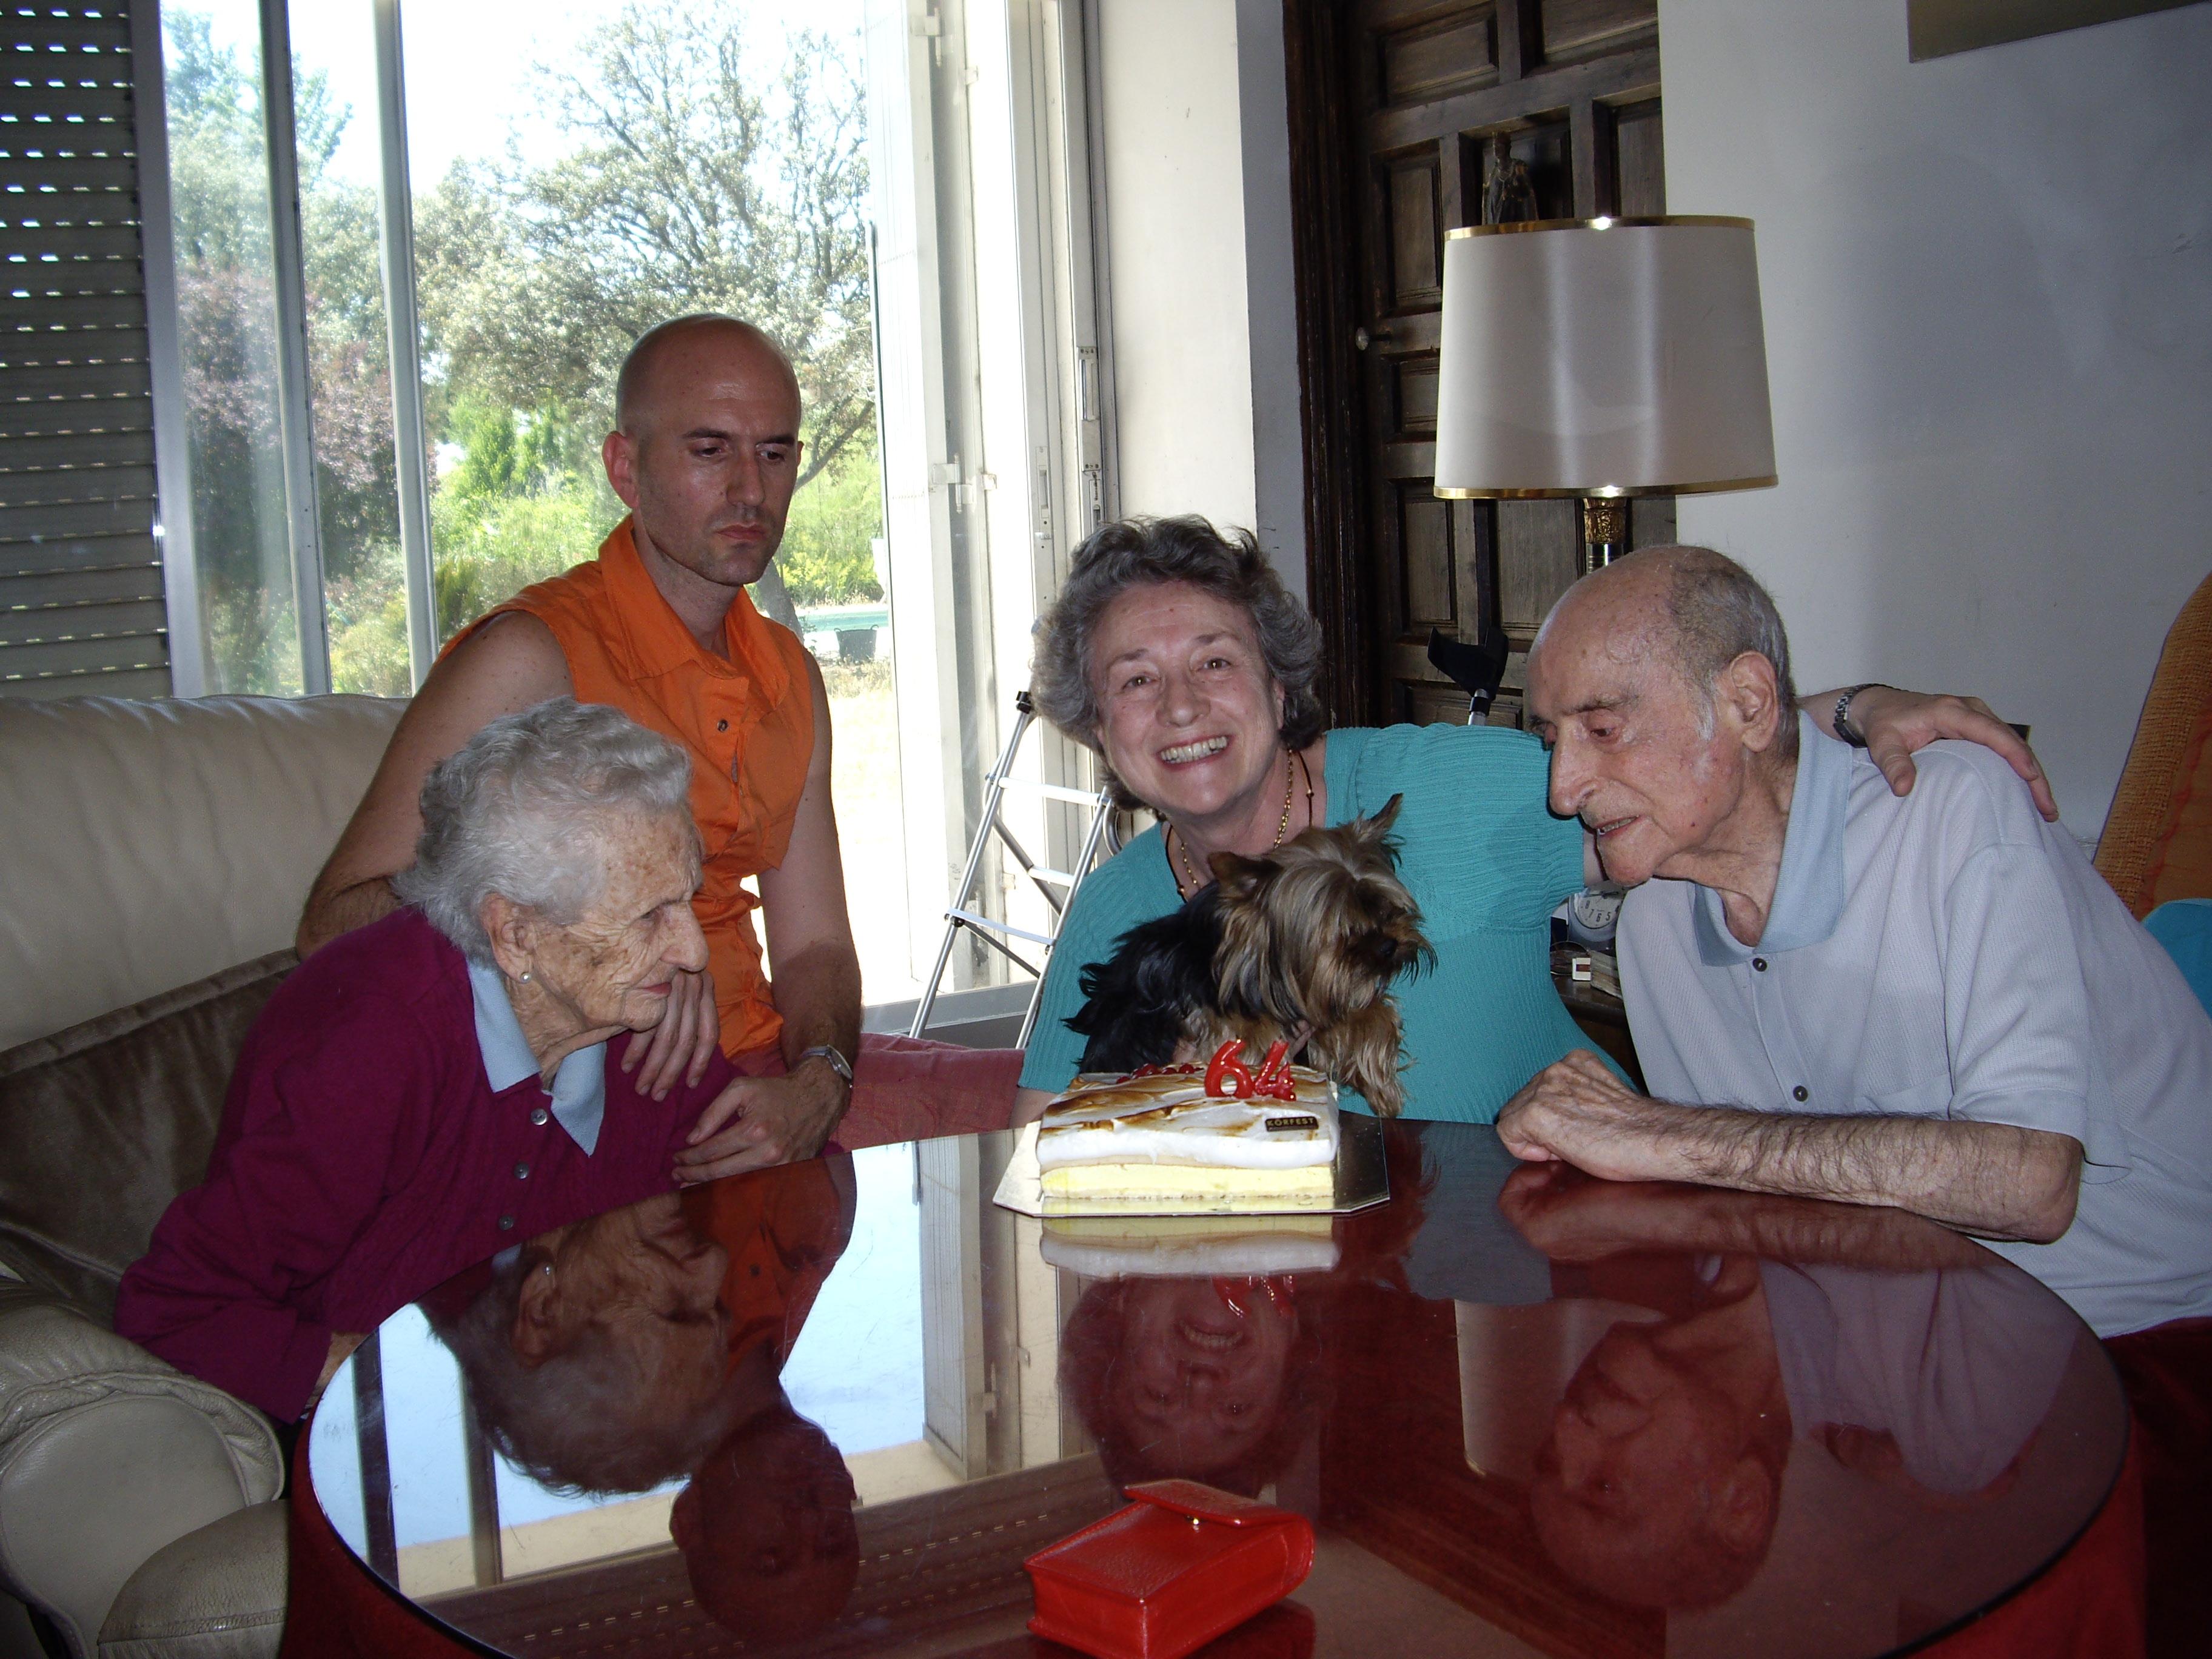 2009.1. JHC celebrando el cumpleaños de su hija Lola, junto a ella, su mujer y su nieto Jaime. Molino de la Hoz, 12 de junio de 2009